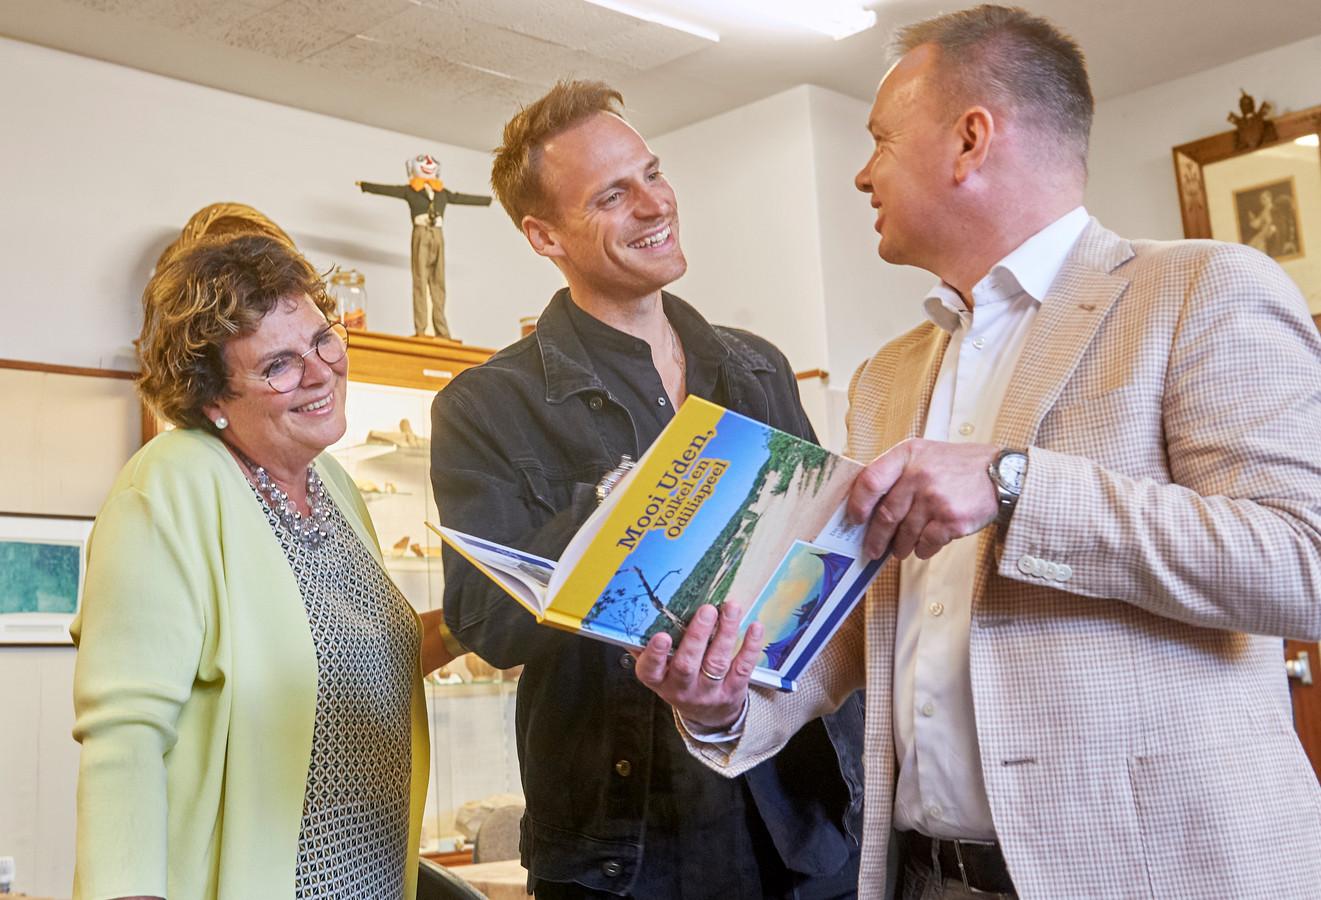 Presentatie nieuw plaatjesboek door de heemkundekring Uden. Op de foto vlnr. Annemieke de Groot van de Heemkundekring Uden, Giel de Winter en Ronald de Laak van Jumbo De Laak.